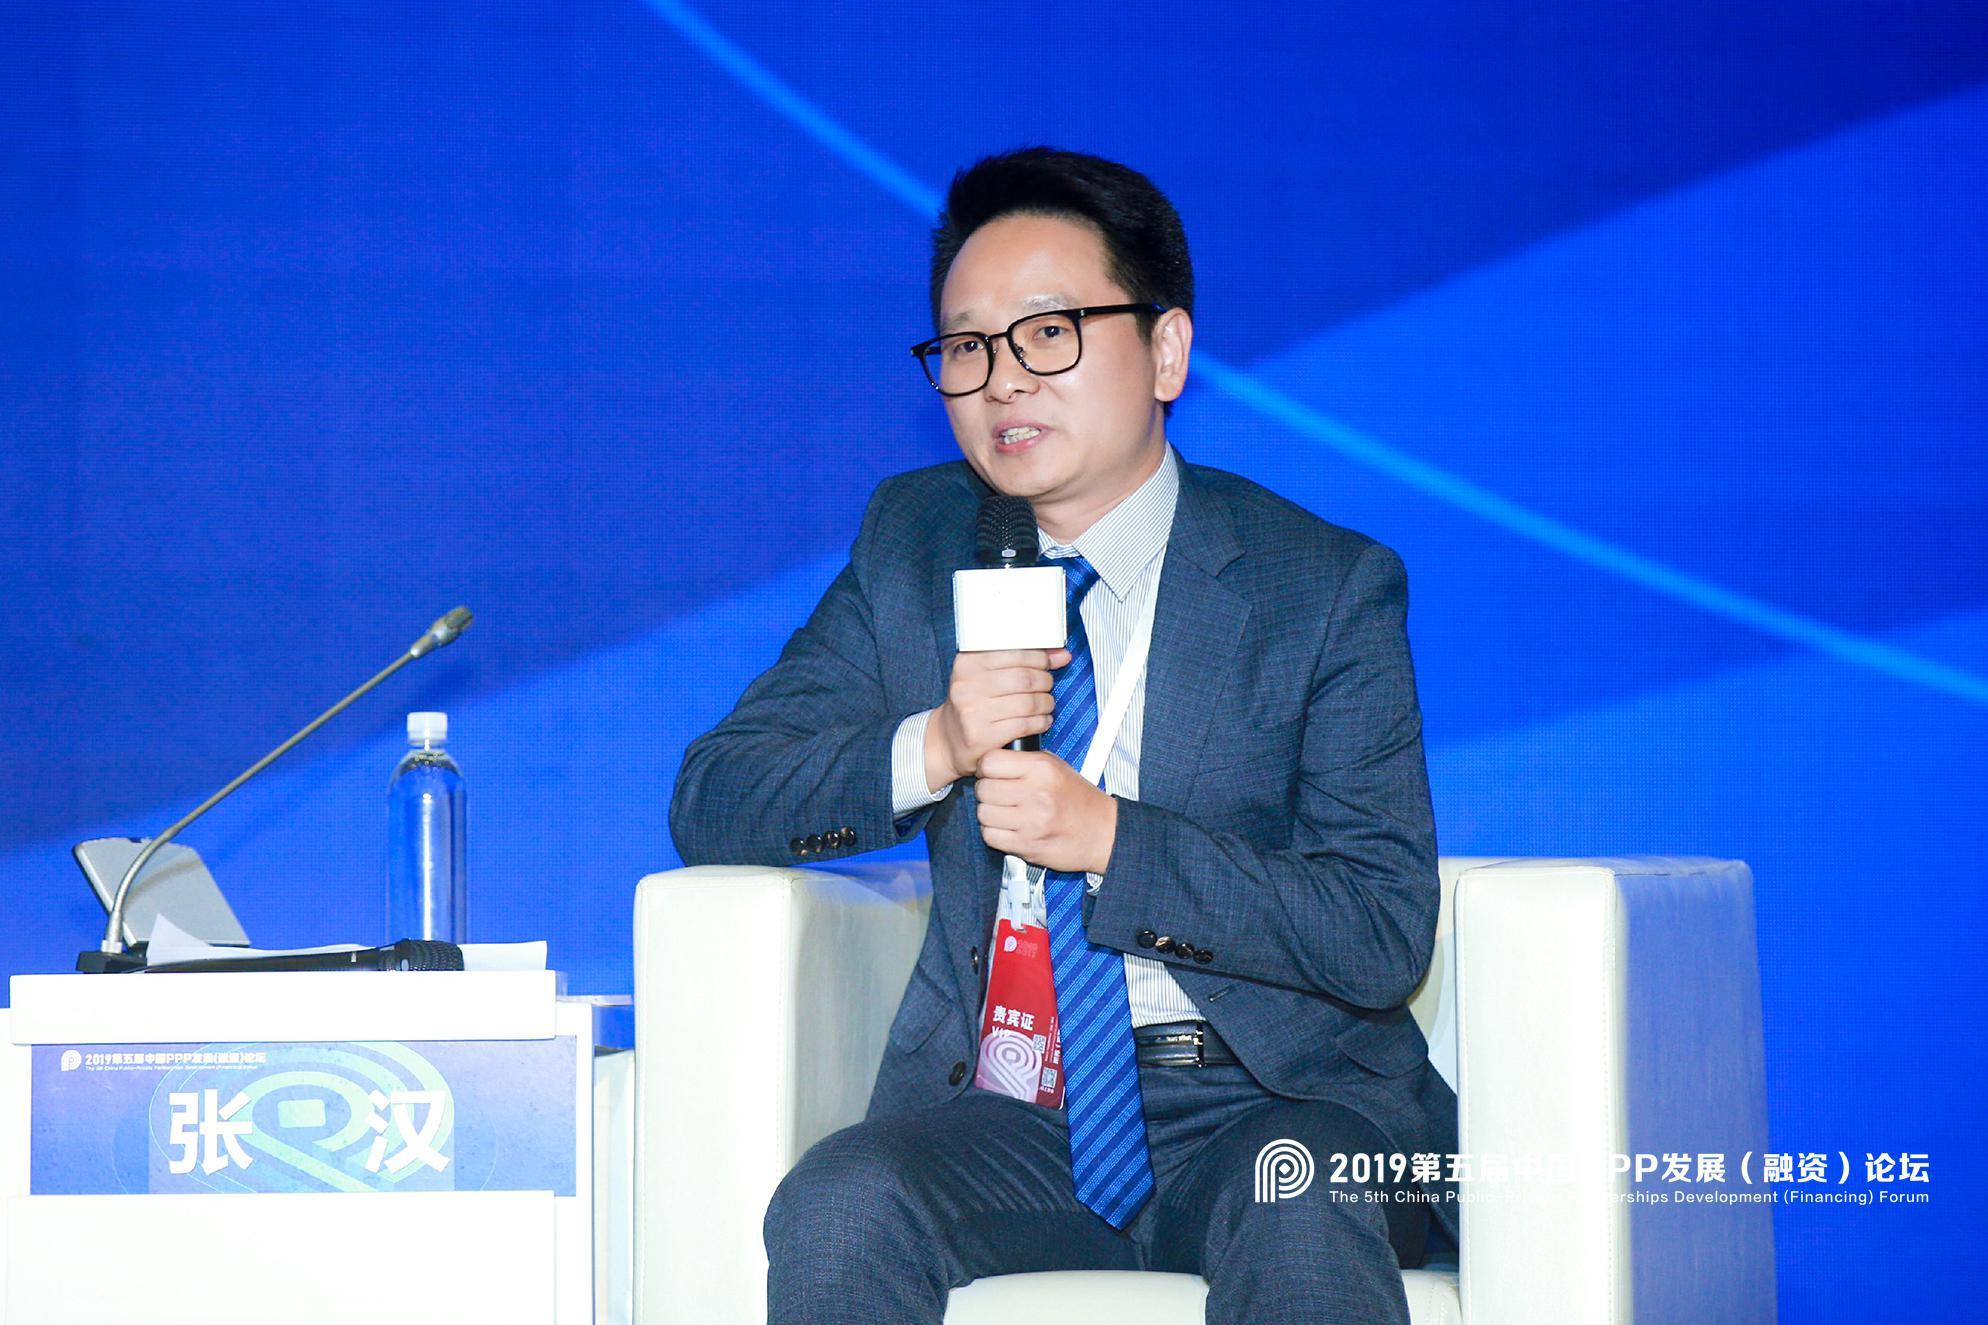 时时彩平台出售teafly|刘强东涉嫌性侵案备忘录③:第三方当事人笔录分析